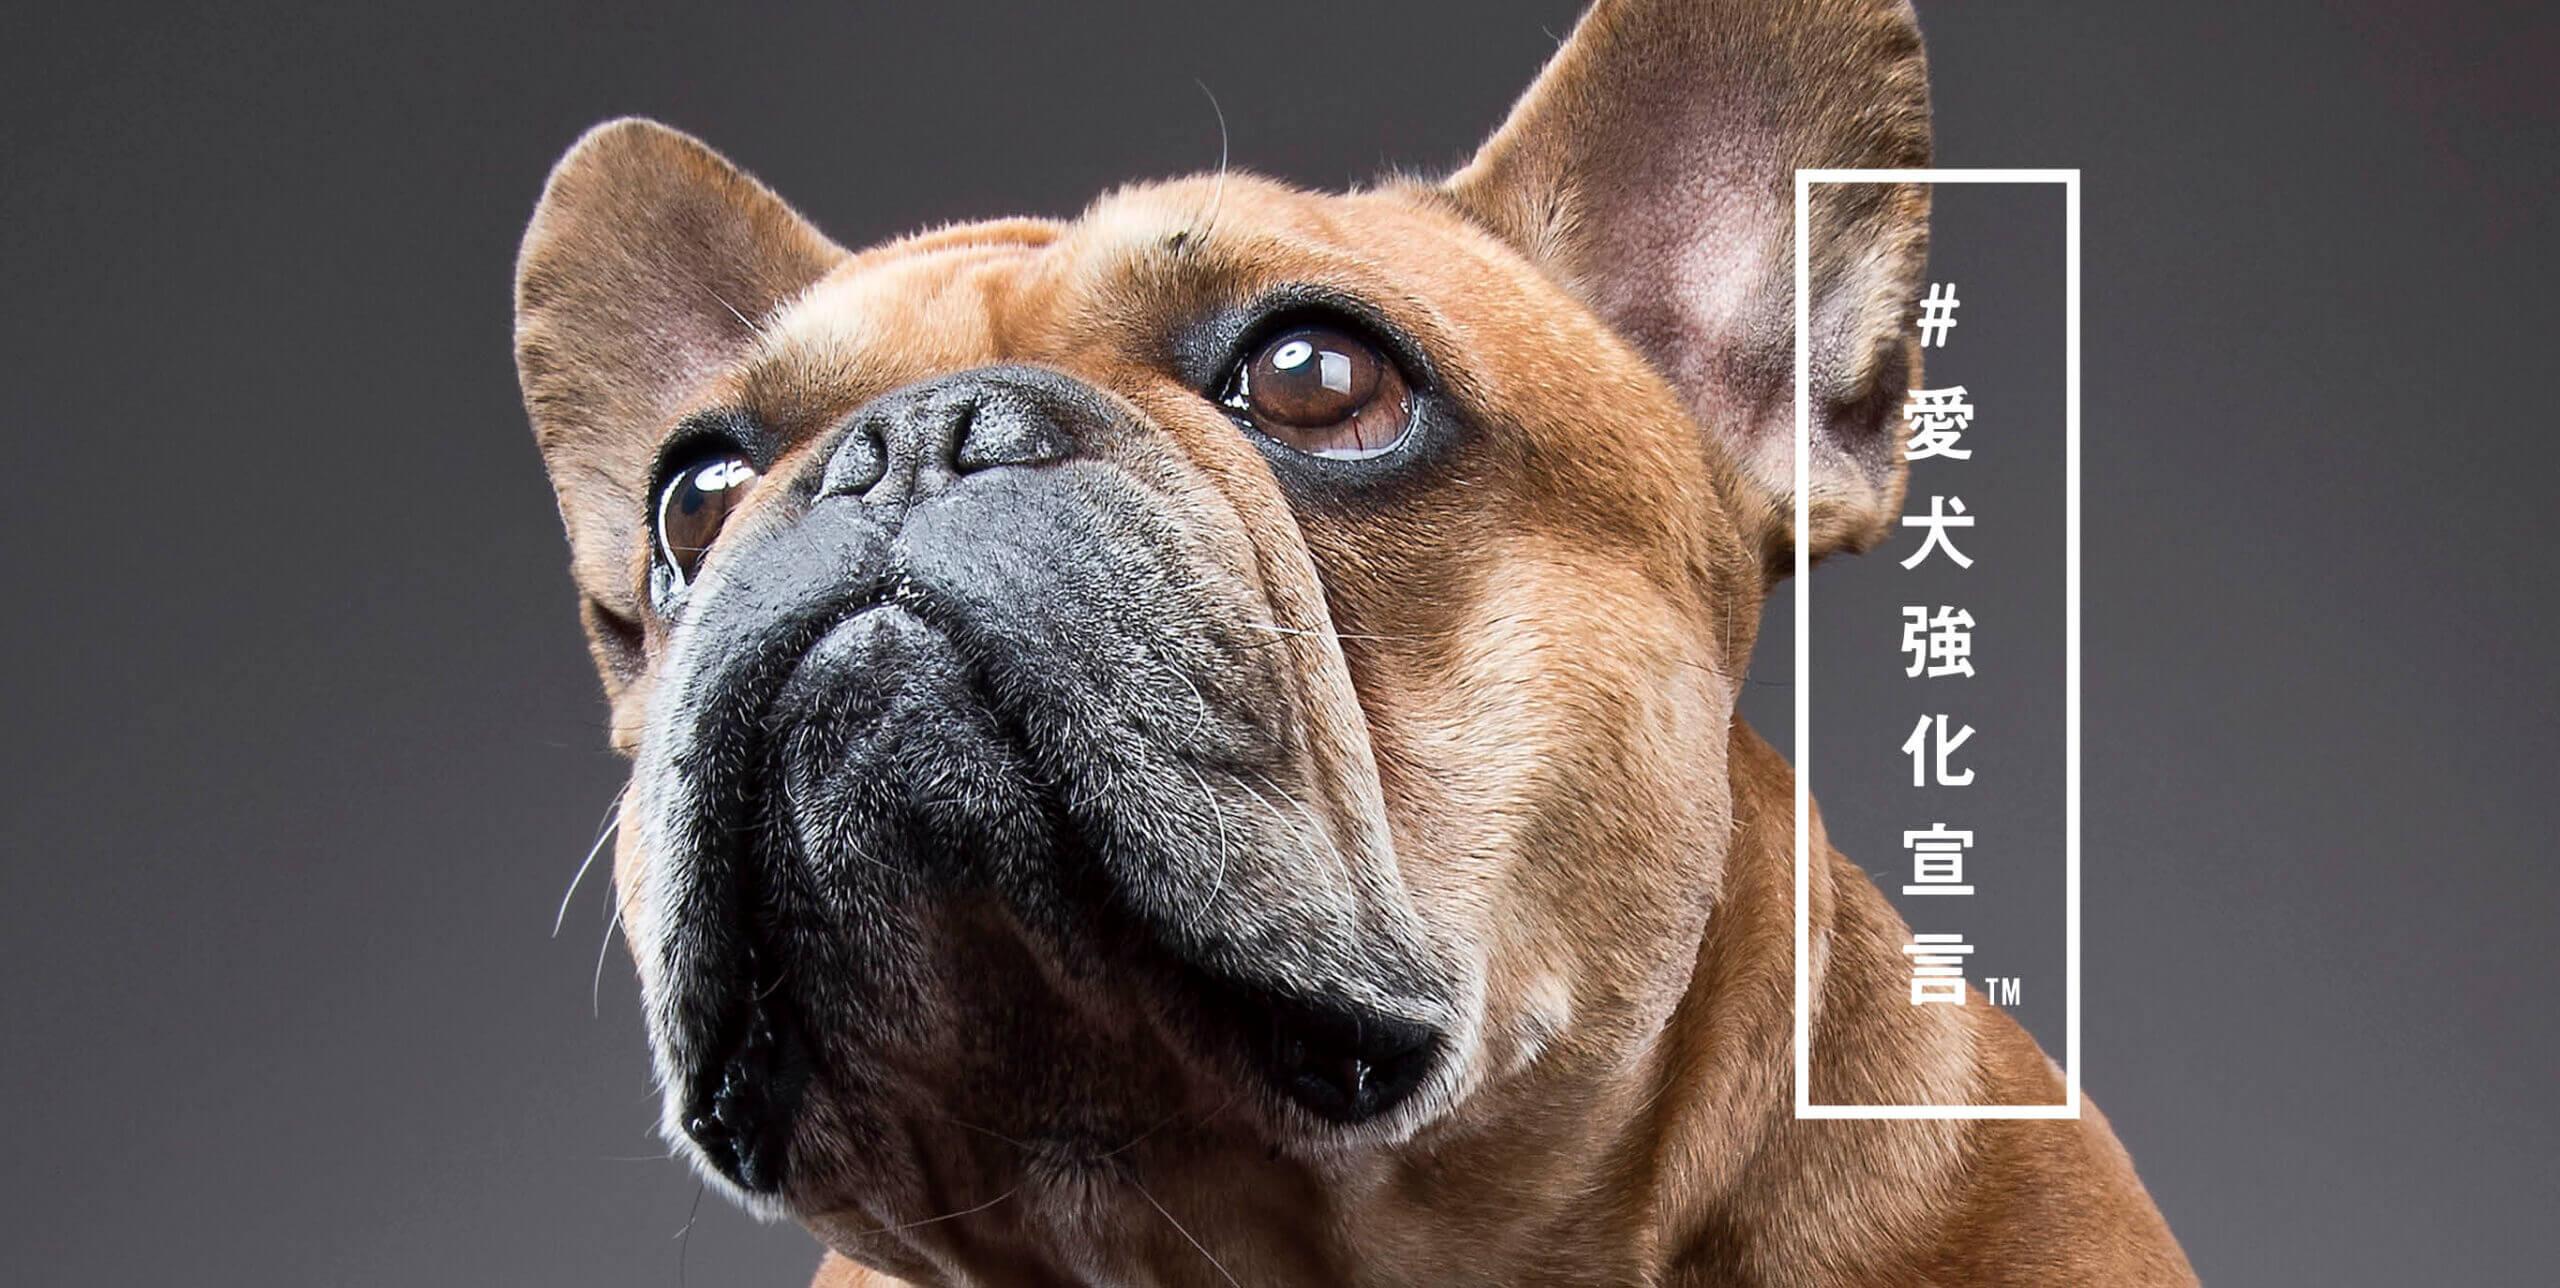 #愛犬強化宣言™